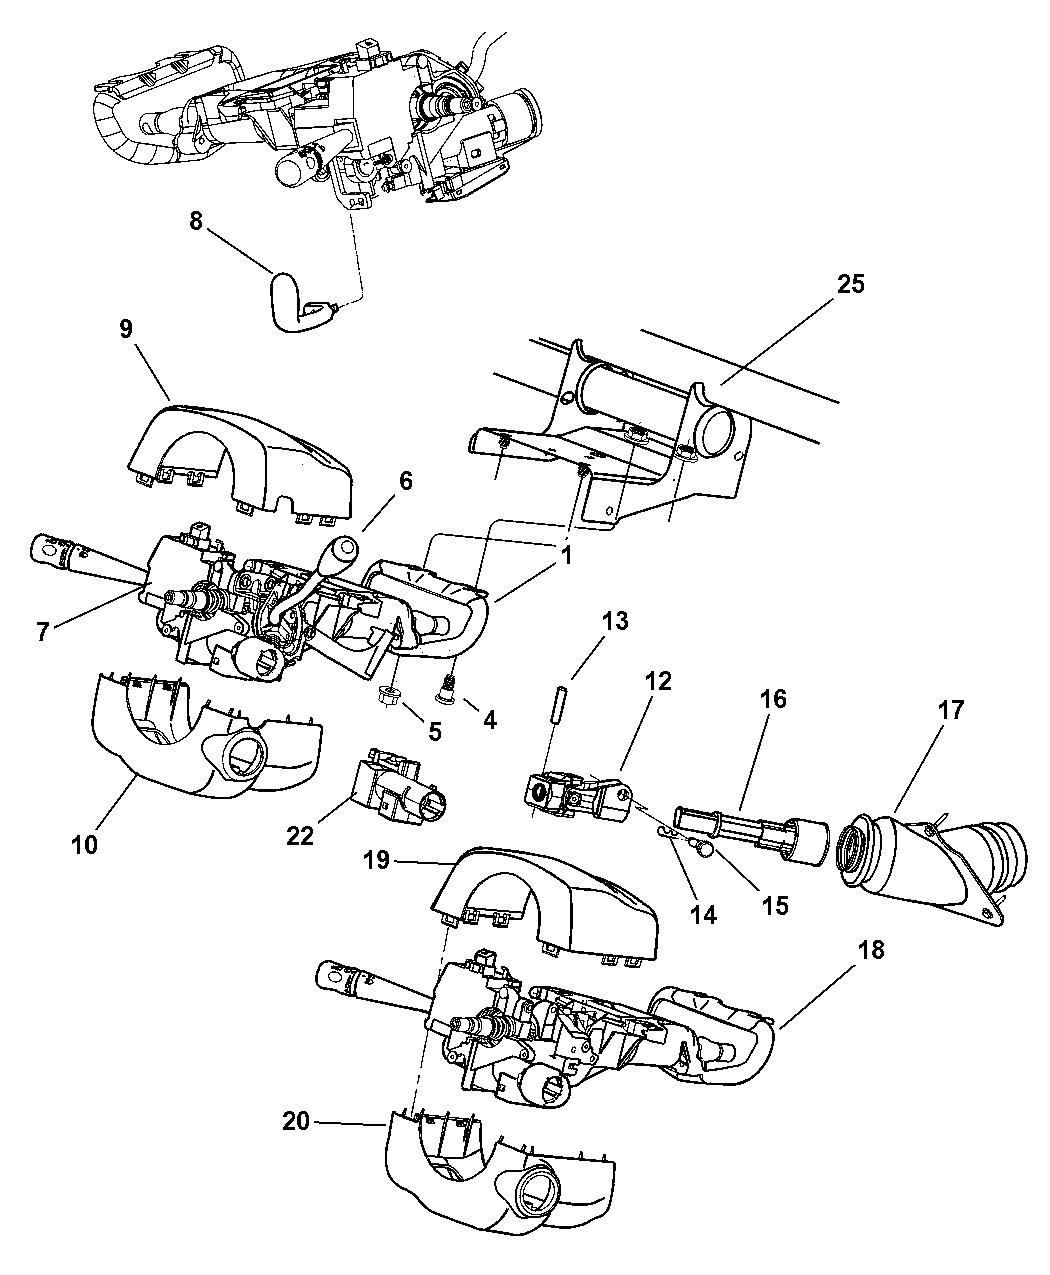 [SCHEMATICS_48ZD]  2002 Dodge Intrepid Column, Steering - Mopar Parts Giant | Dodge Intrepid Steering Column Wiring |  | Mopar Parts Giant